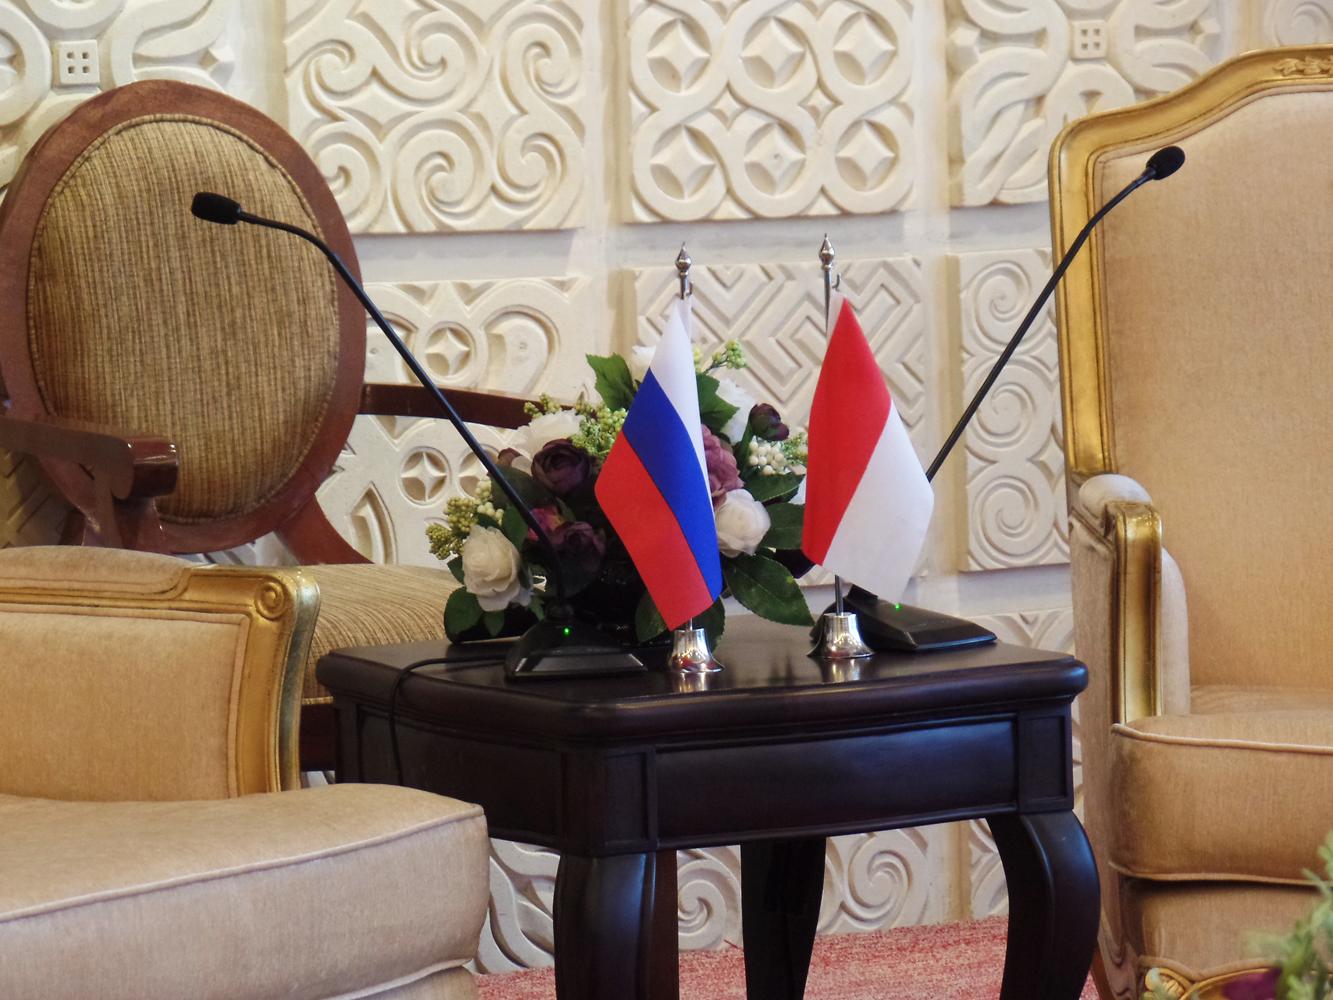 Kedua negara membahas sejumlah agenda kerja sama yang menjadi perhatian bersama, termasuk persiapan rencana kunjungan menteri luar legeri Rusia ke Indonesia pada tahun ini.